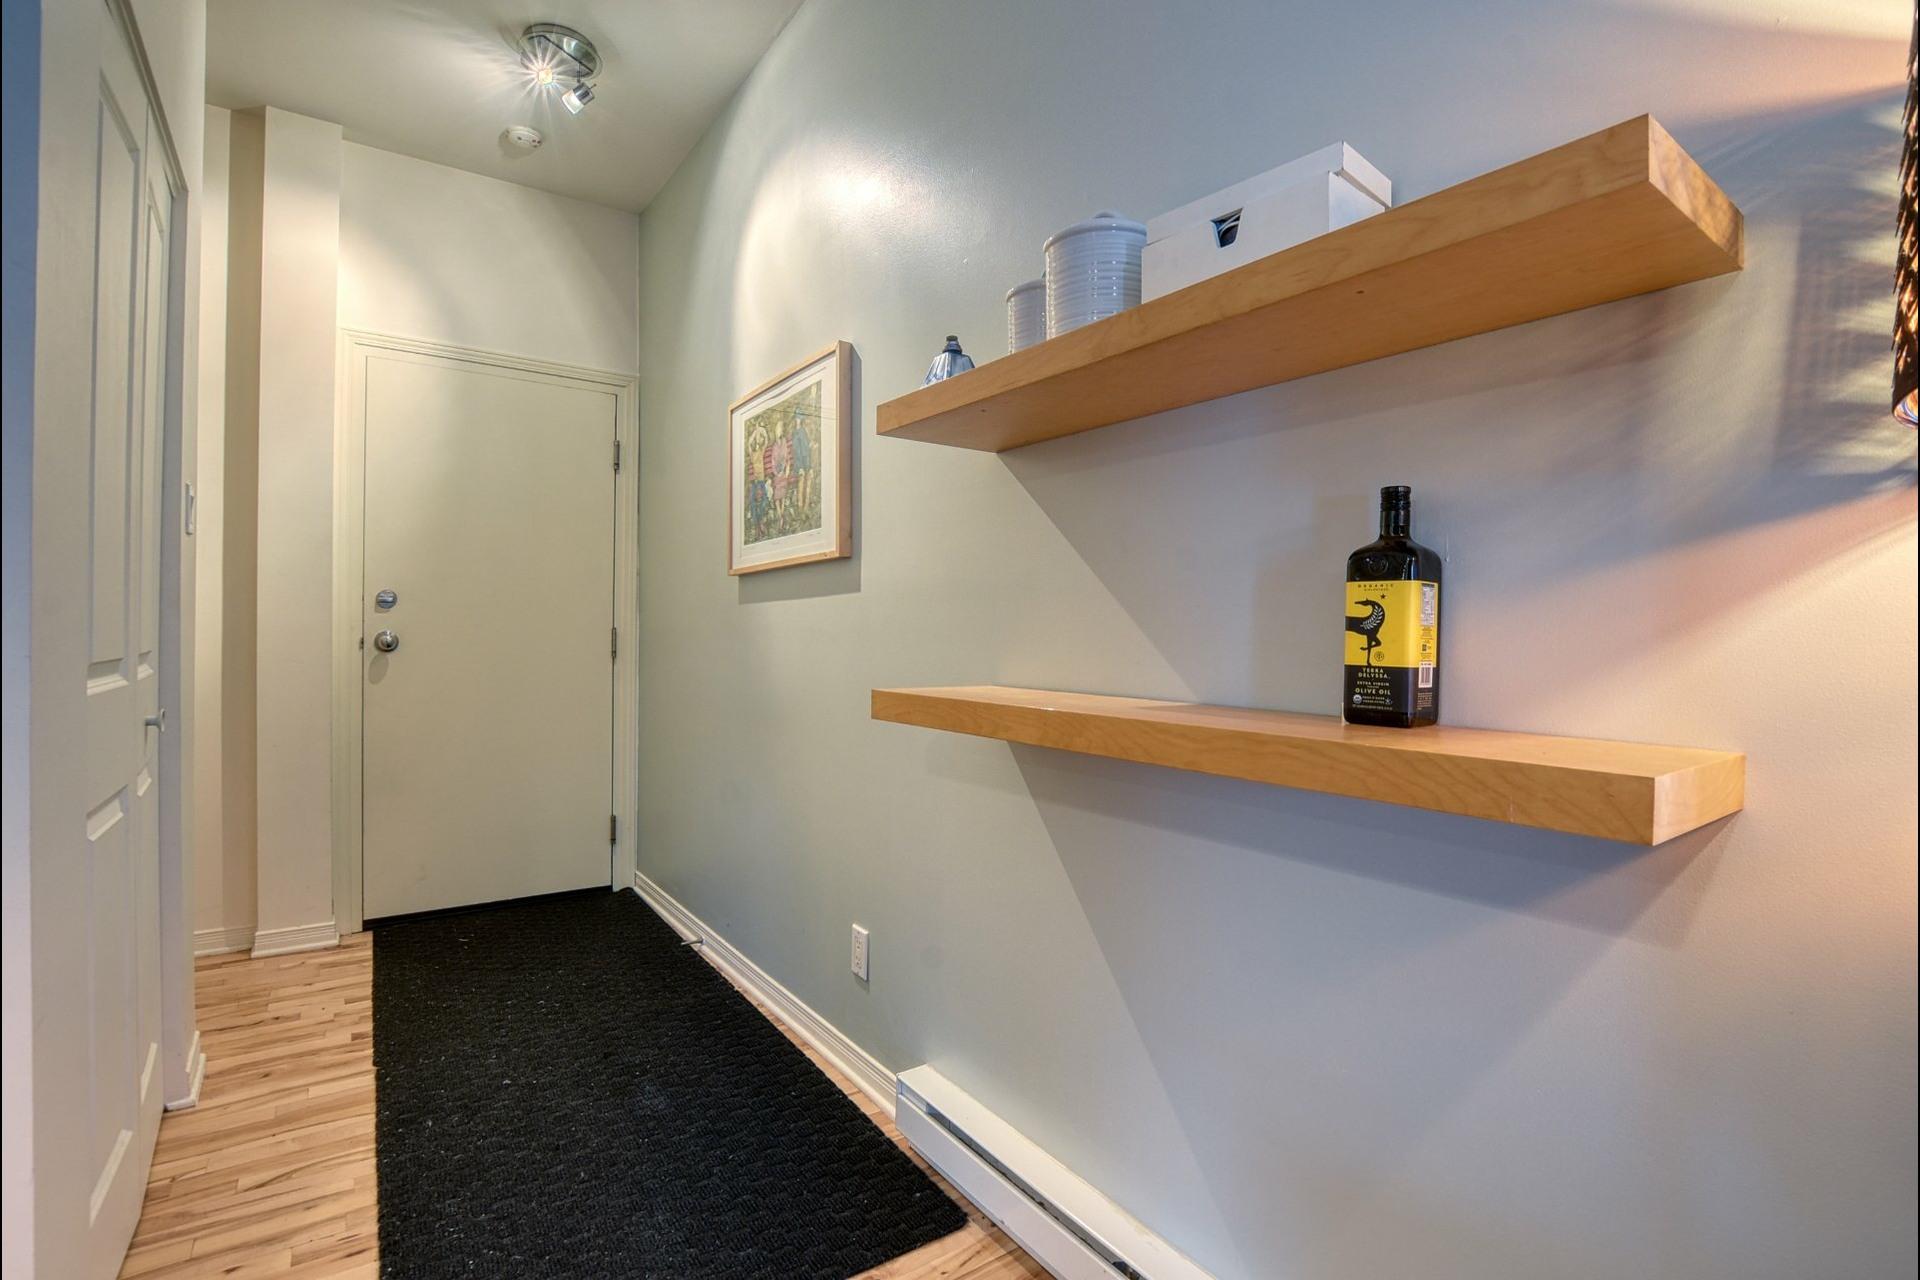 image 1 - Appartement À vendre Rosemont/La Petite-Patrie Montréal  - 6 pièces